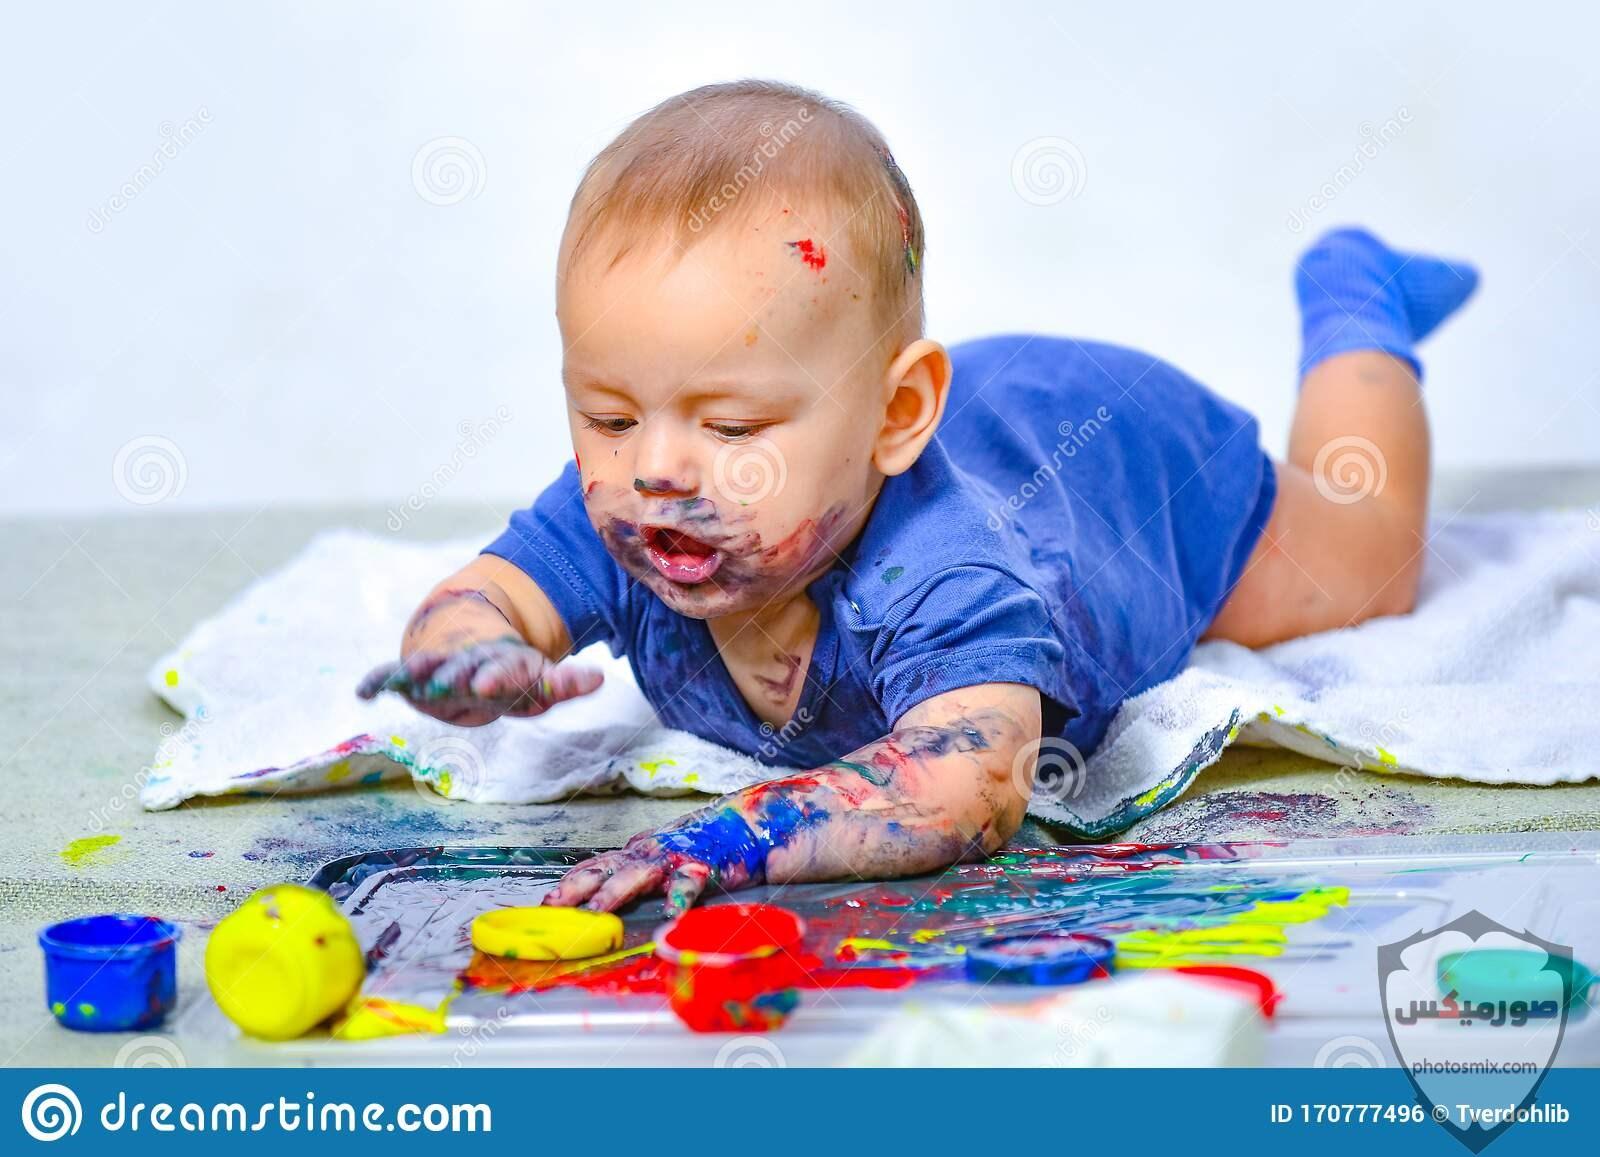 صور اطفال 2021 تحميل اكثر من 100 صور اطفال جميلة صور اطفال روعة 2020 63 1